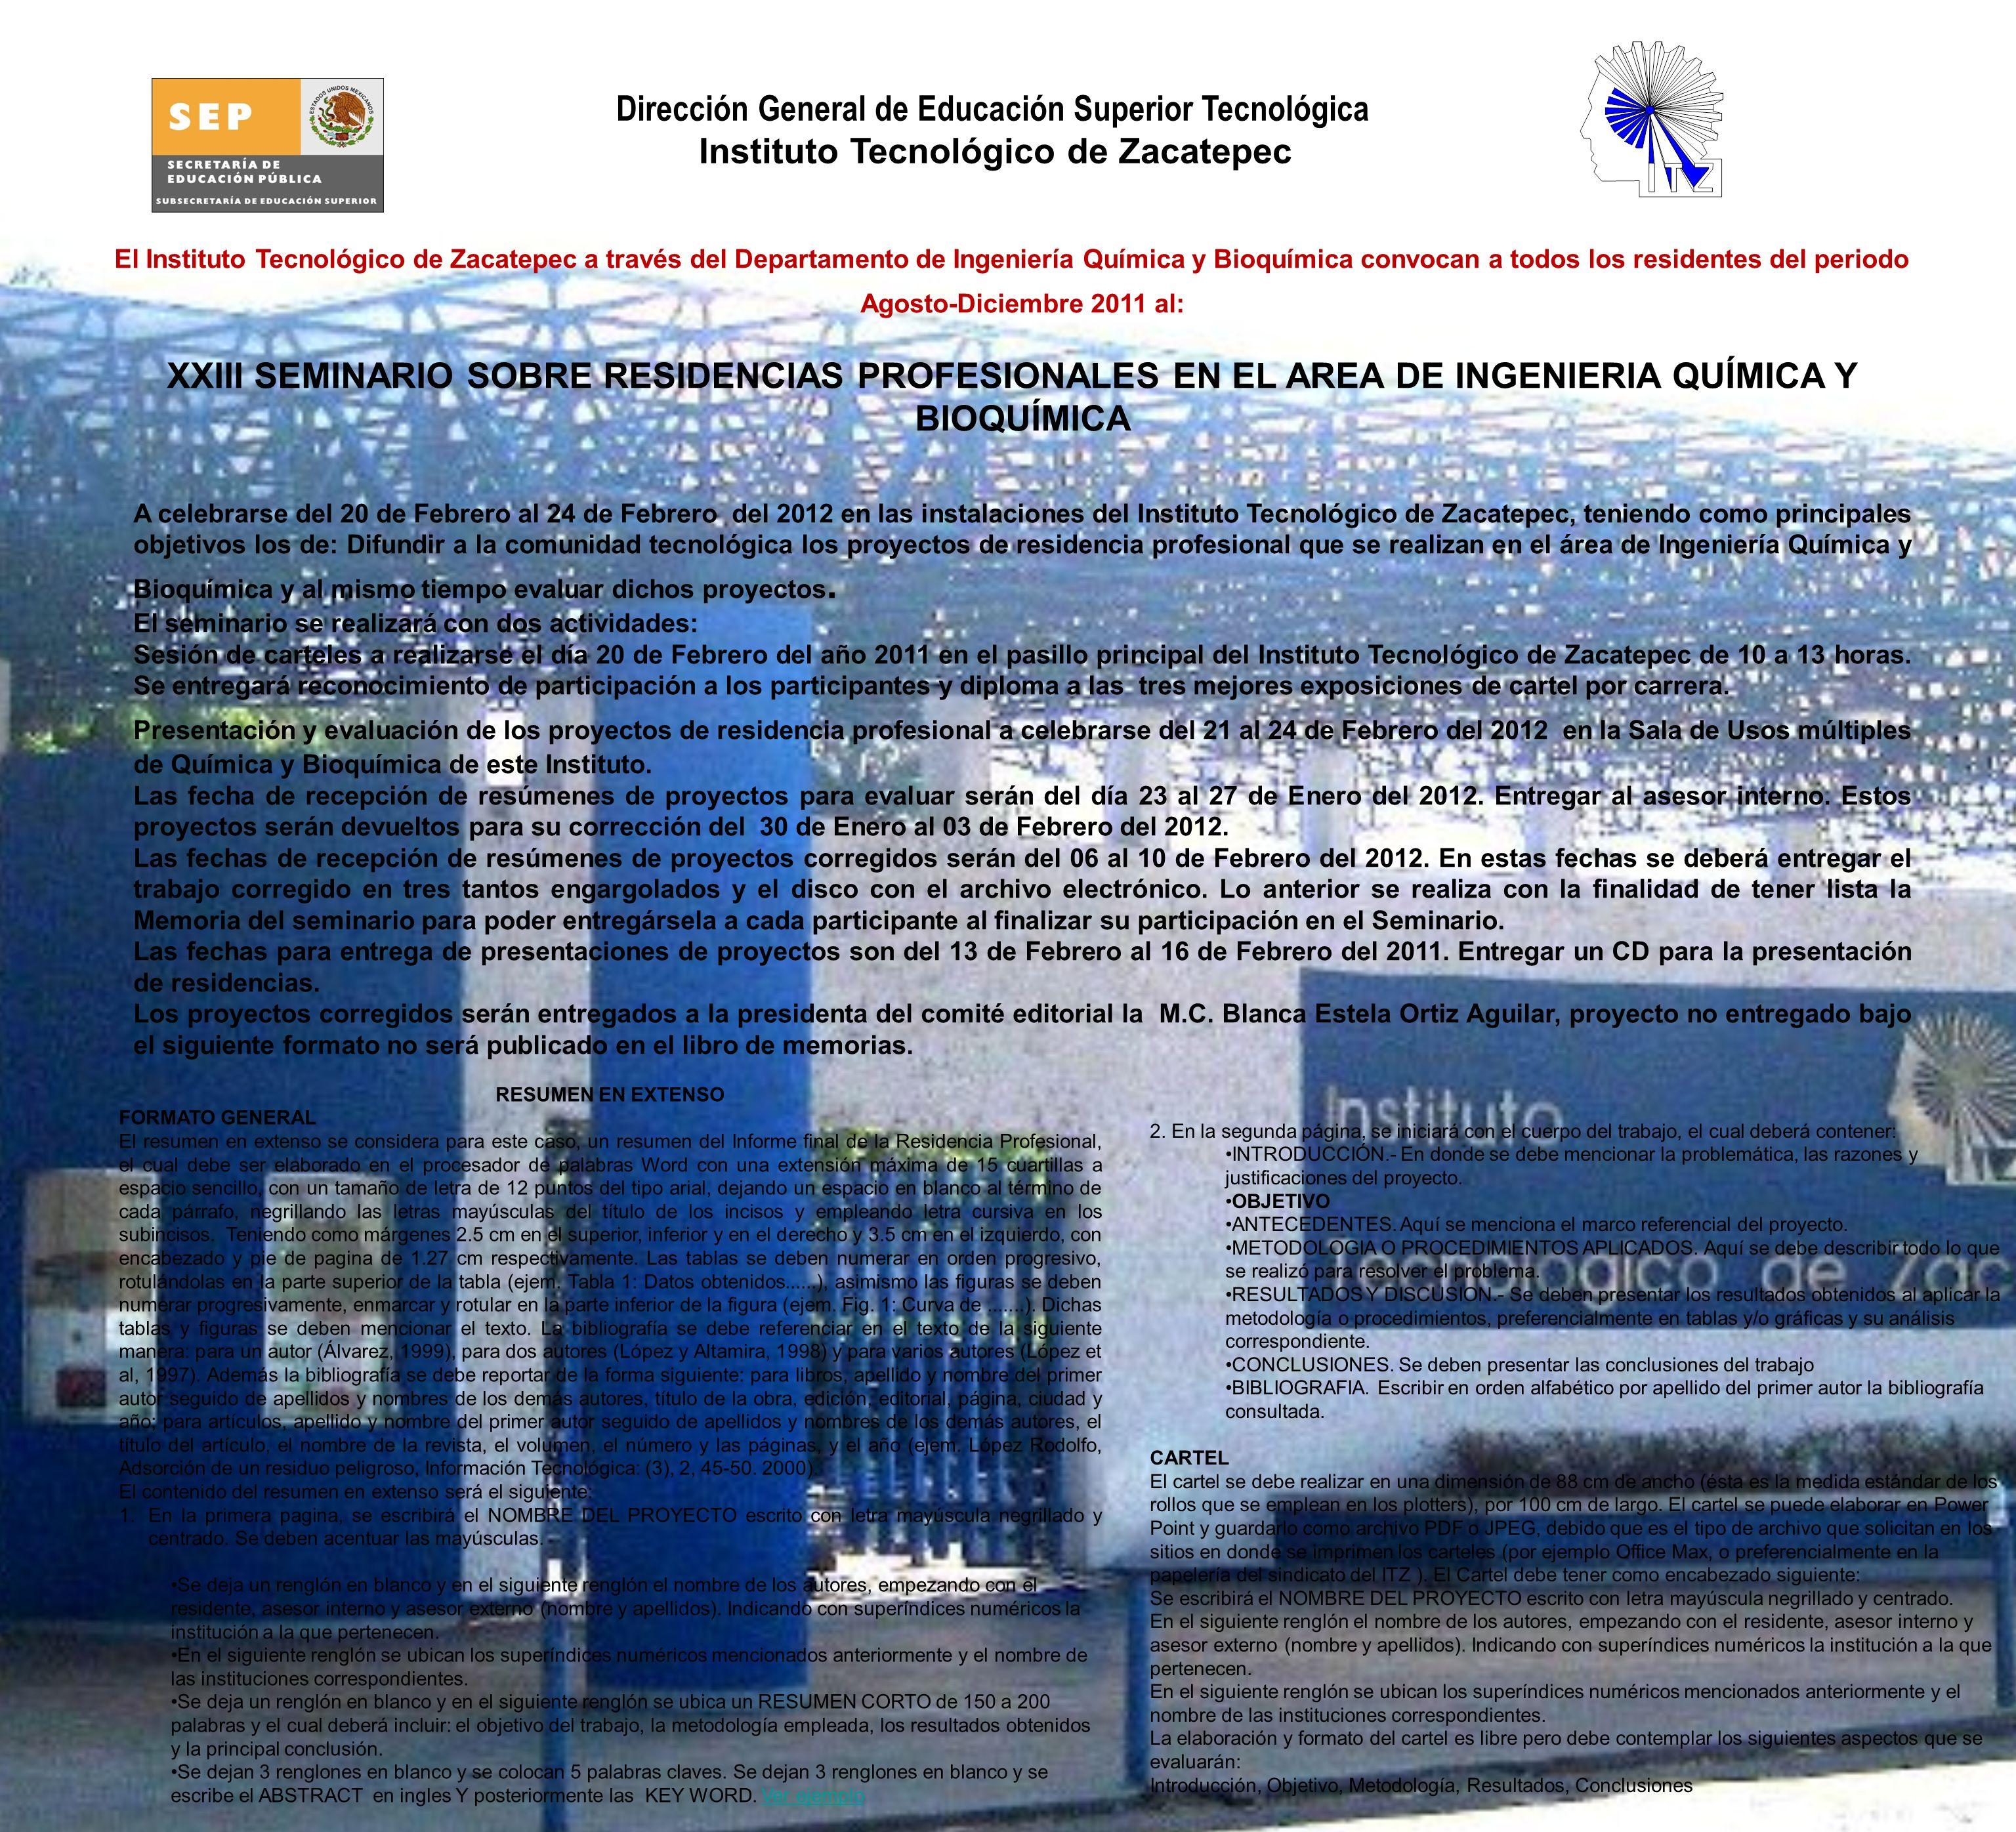 El Instituto Tecnológico de Zacatepec a través del Departamento de Ingeniería Química y Bioquímica convocan a todos los residentes del periodo Agosto-